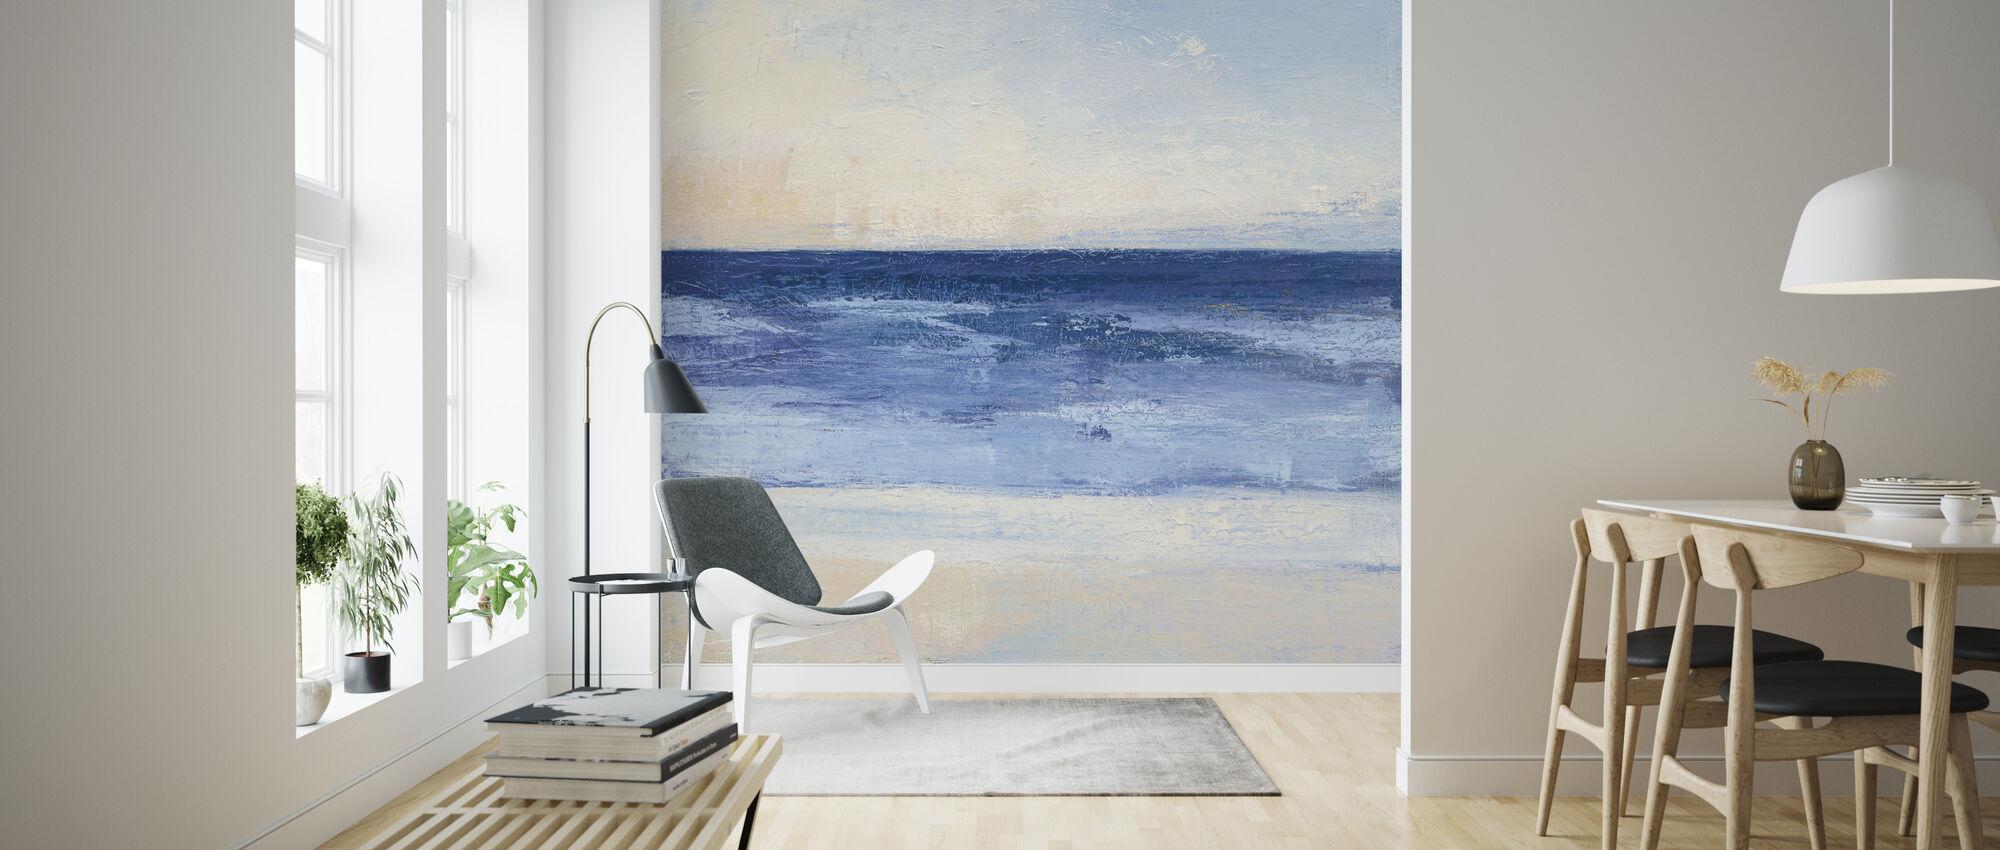 True Blue Ocean - Wallpaper - Living Room